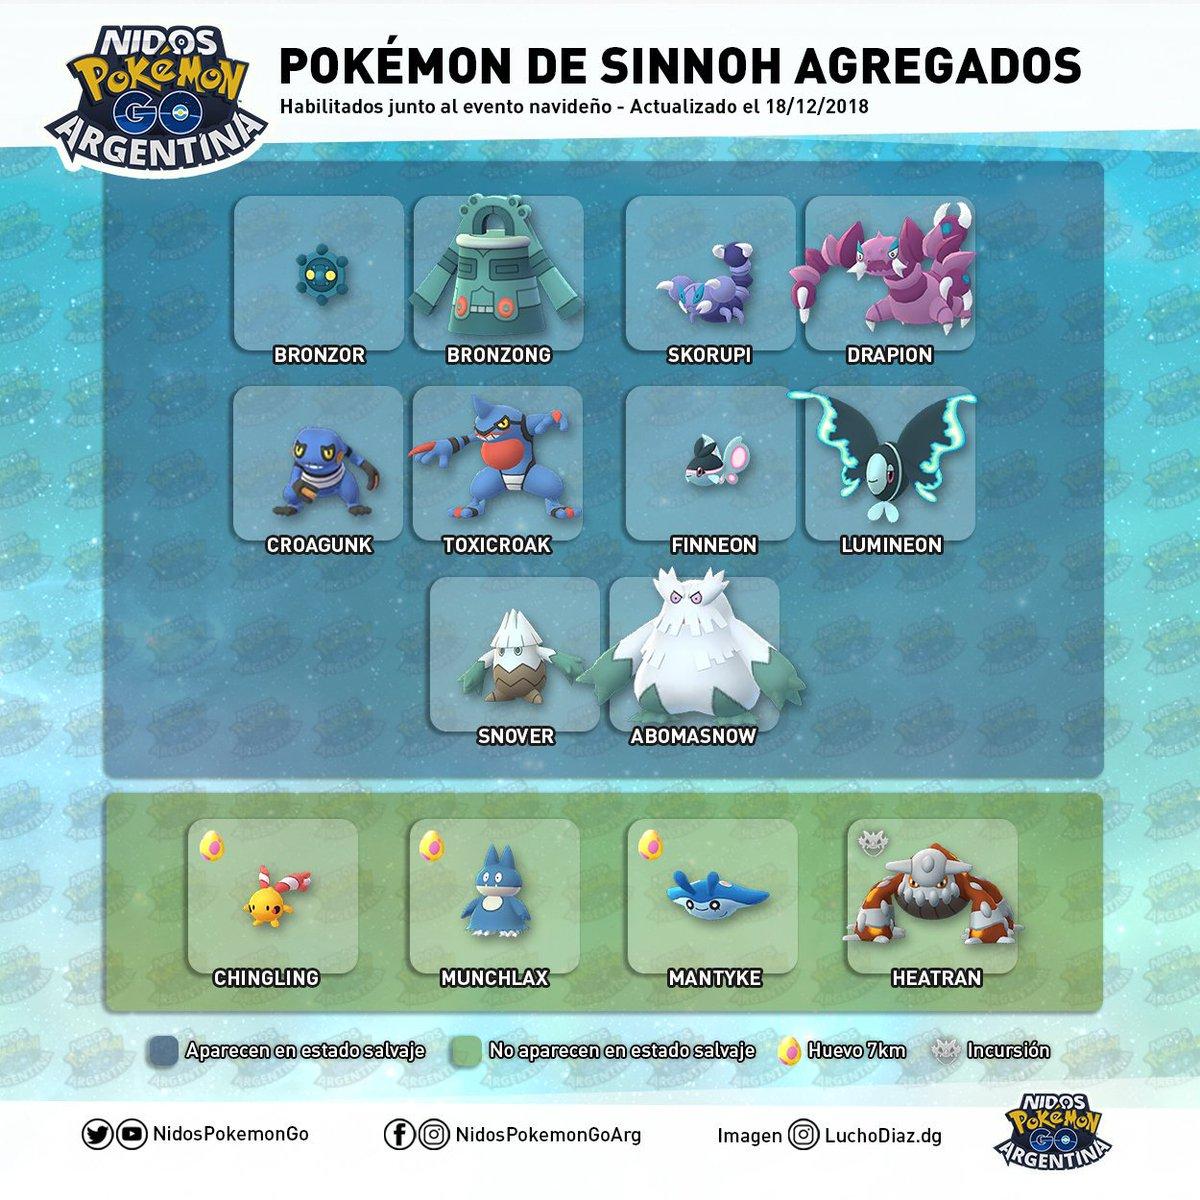 Imagen de Nidos Pokémon GO Argentina con los nuevos Pokémon de la cuarta generación agregados estas navidades en Pokémon GO